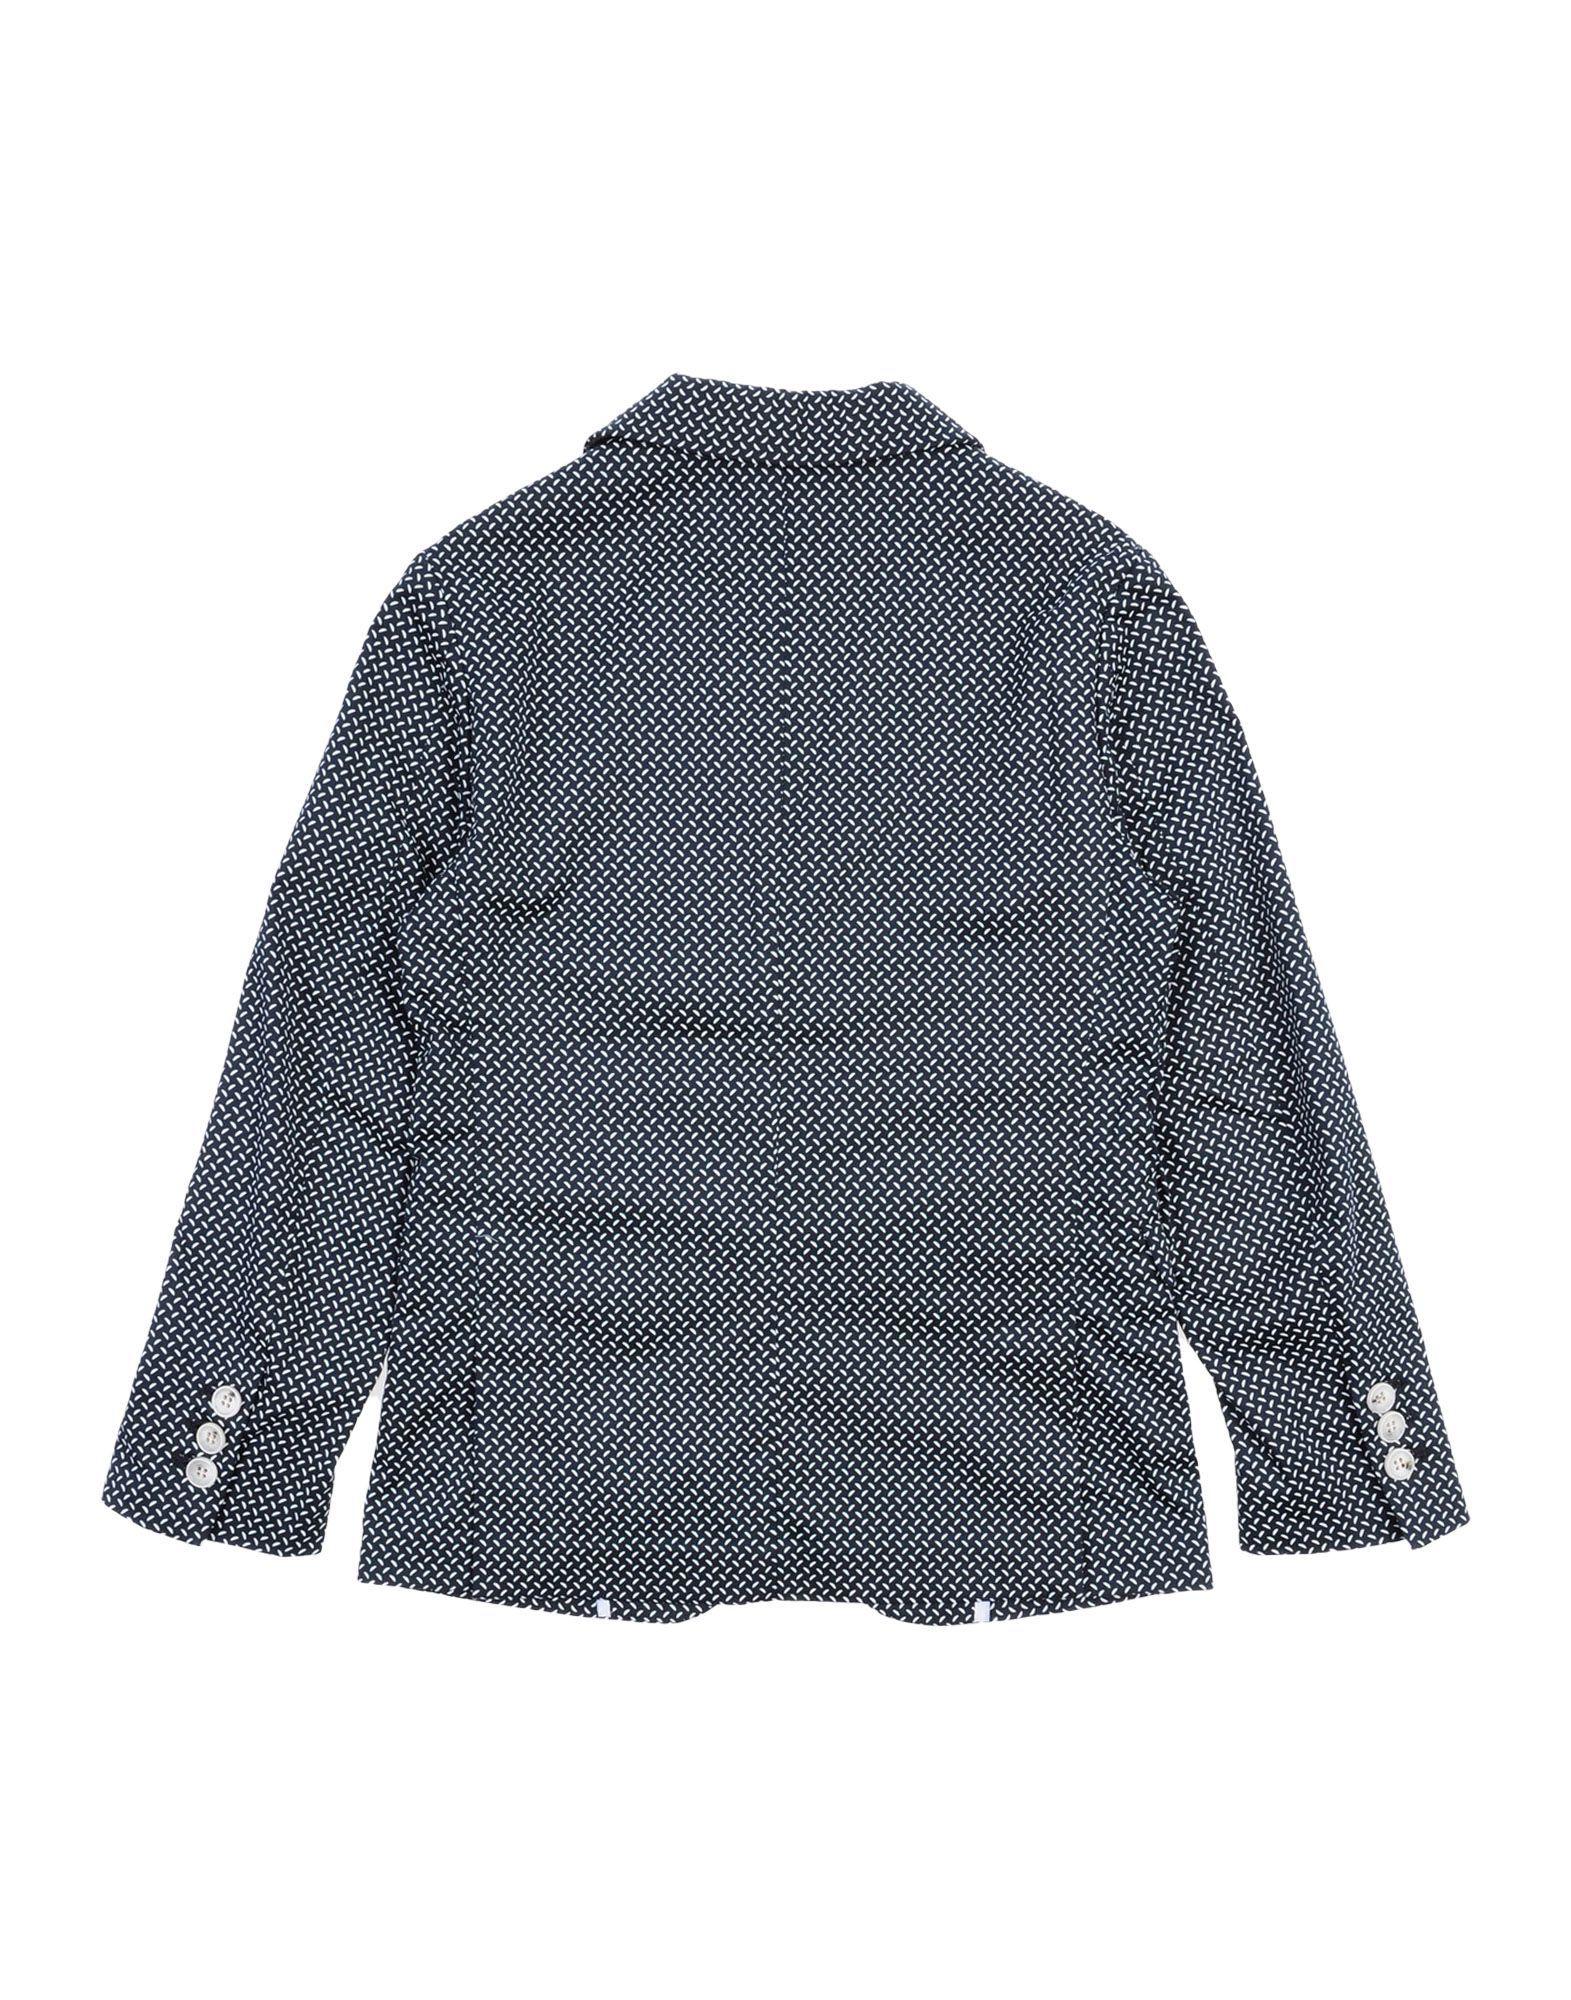 SUITS AND JACKETS 26.7 Twentysixseven Dark blue Boy Cotton